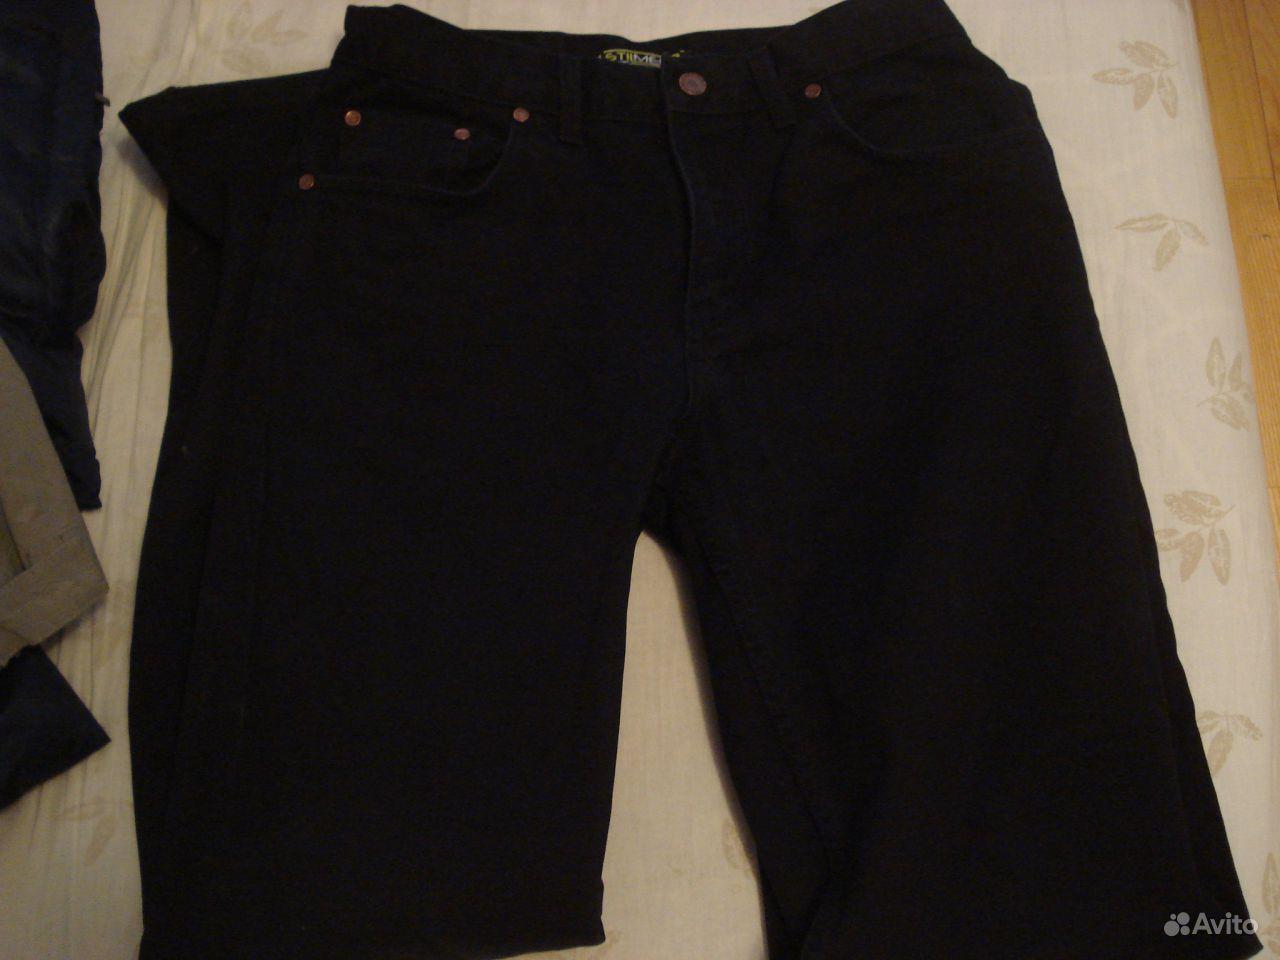 983abb8342866 ... Санкт-Петербург - Бесплатные объявления. Джинсы Stilmen от Stilmen jeans  ...